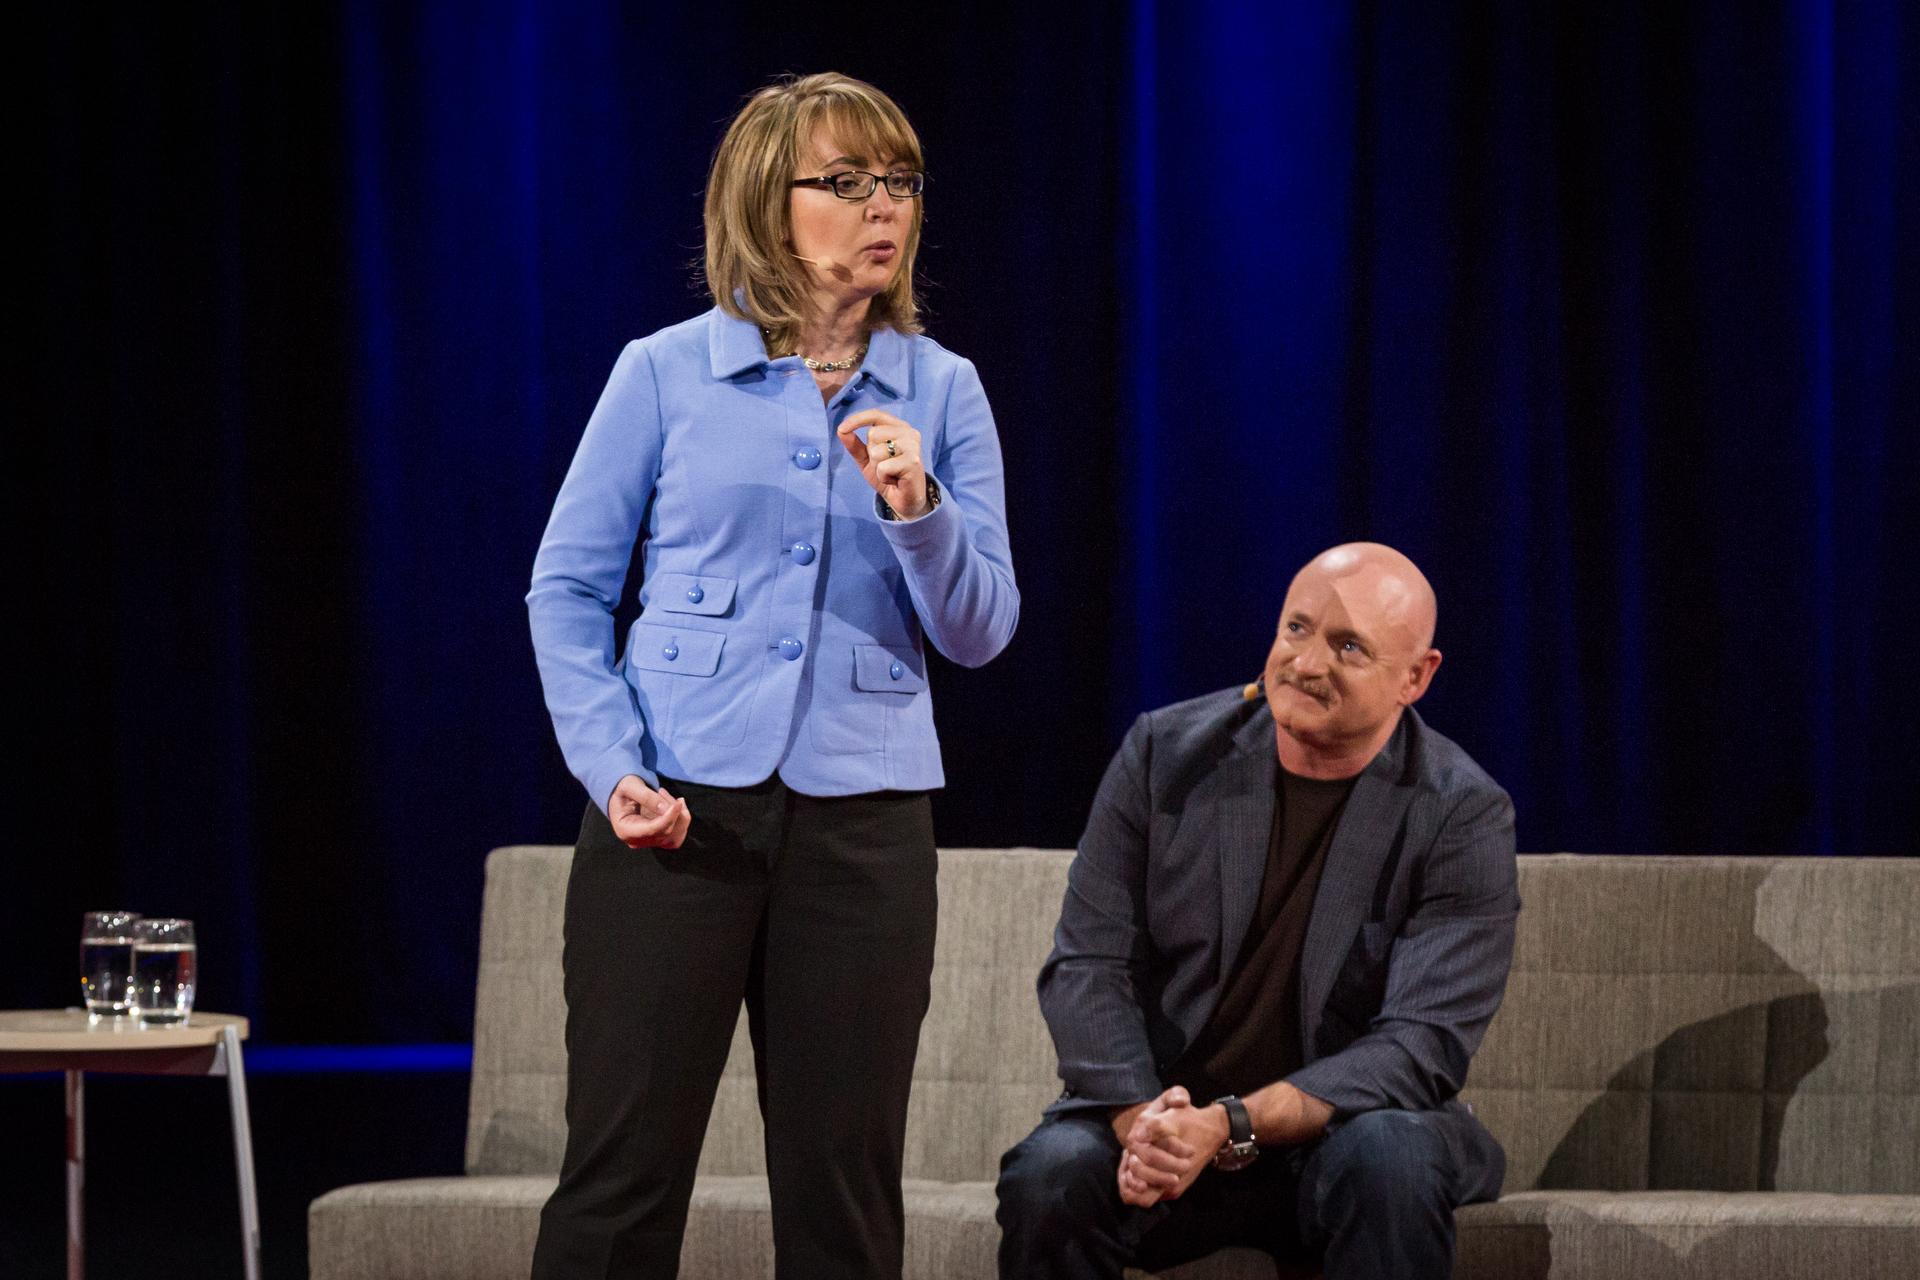 (L-R) Gabby Giffords and Mark Kelly. Photo: Ryan Lash